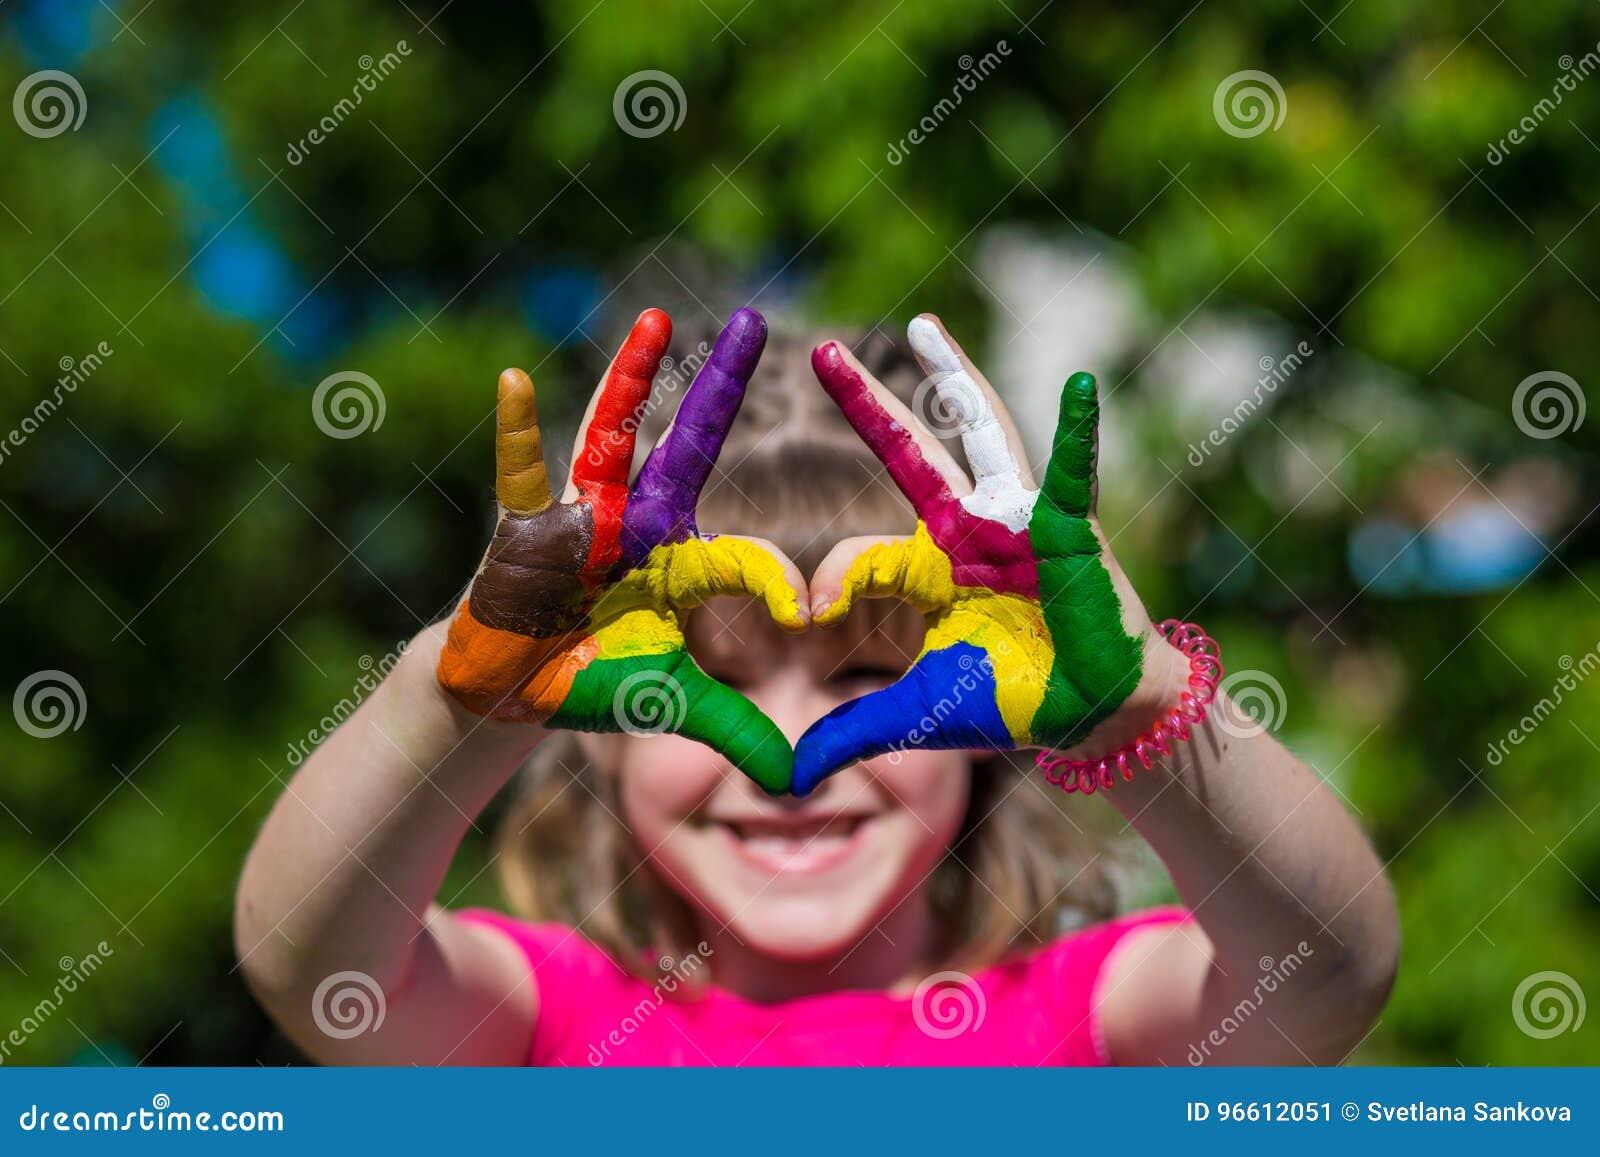 Les mains d enfants en peintures de couleur font une forme de coeur, foyer sur des mains